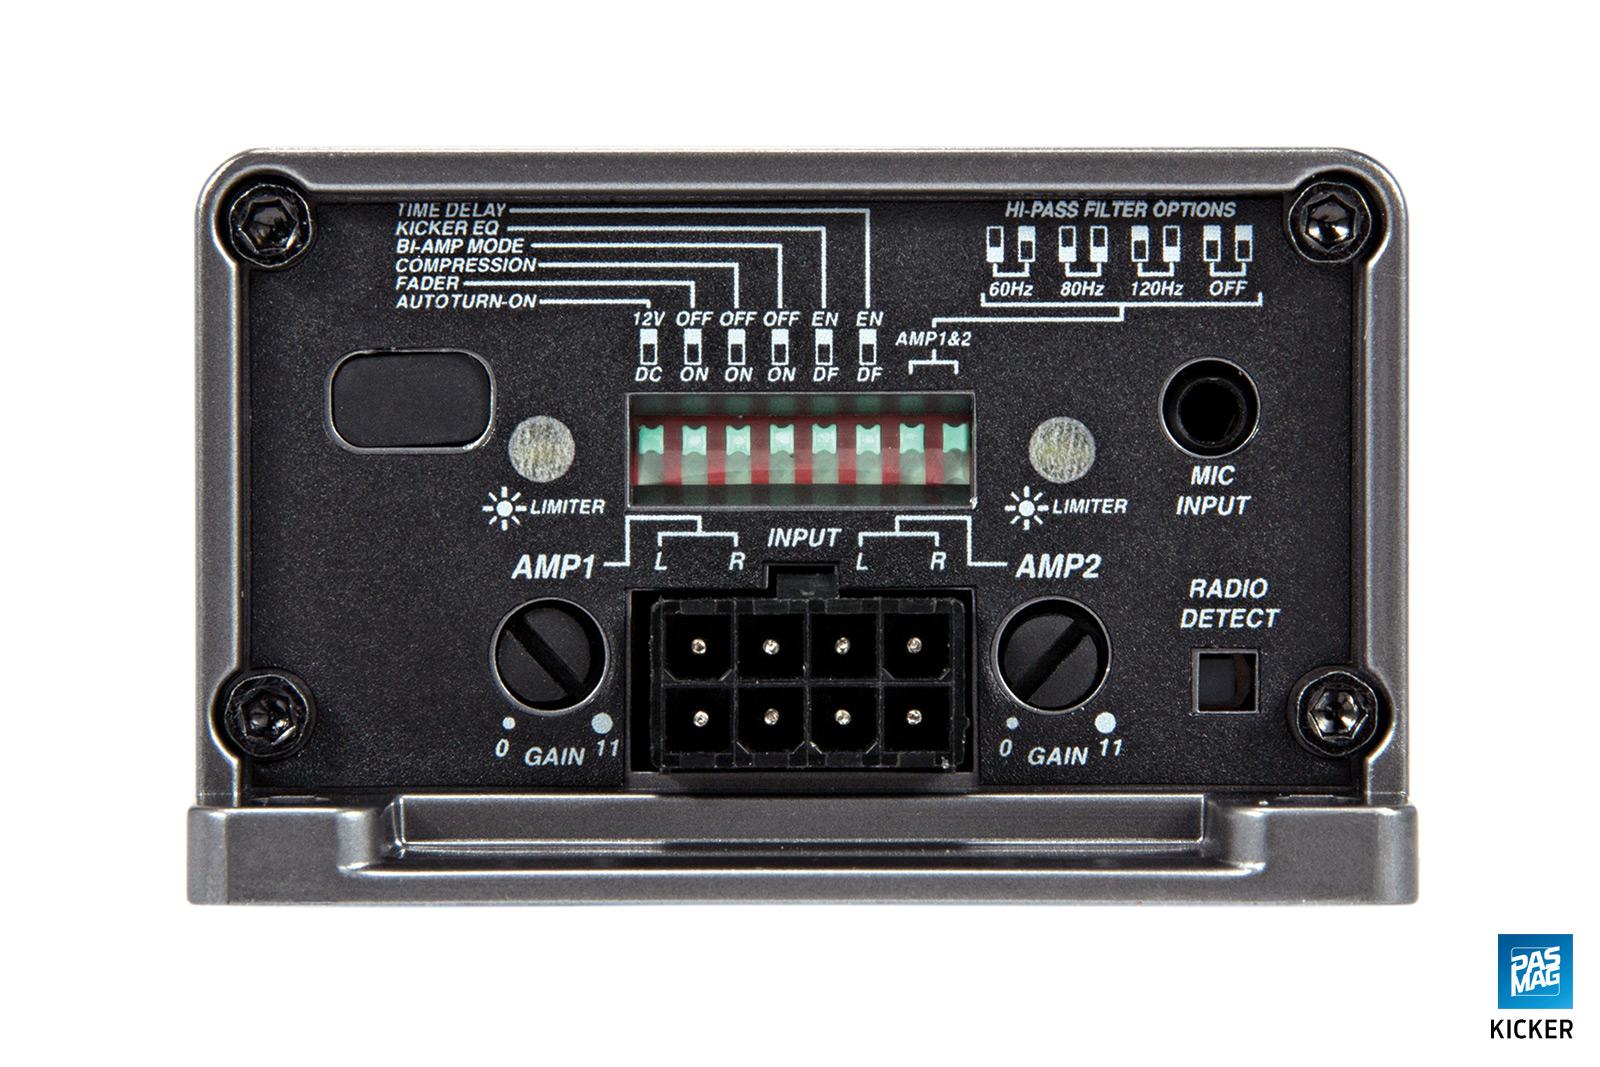 Kicker Key180 4 Amplifier Review